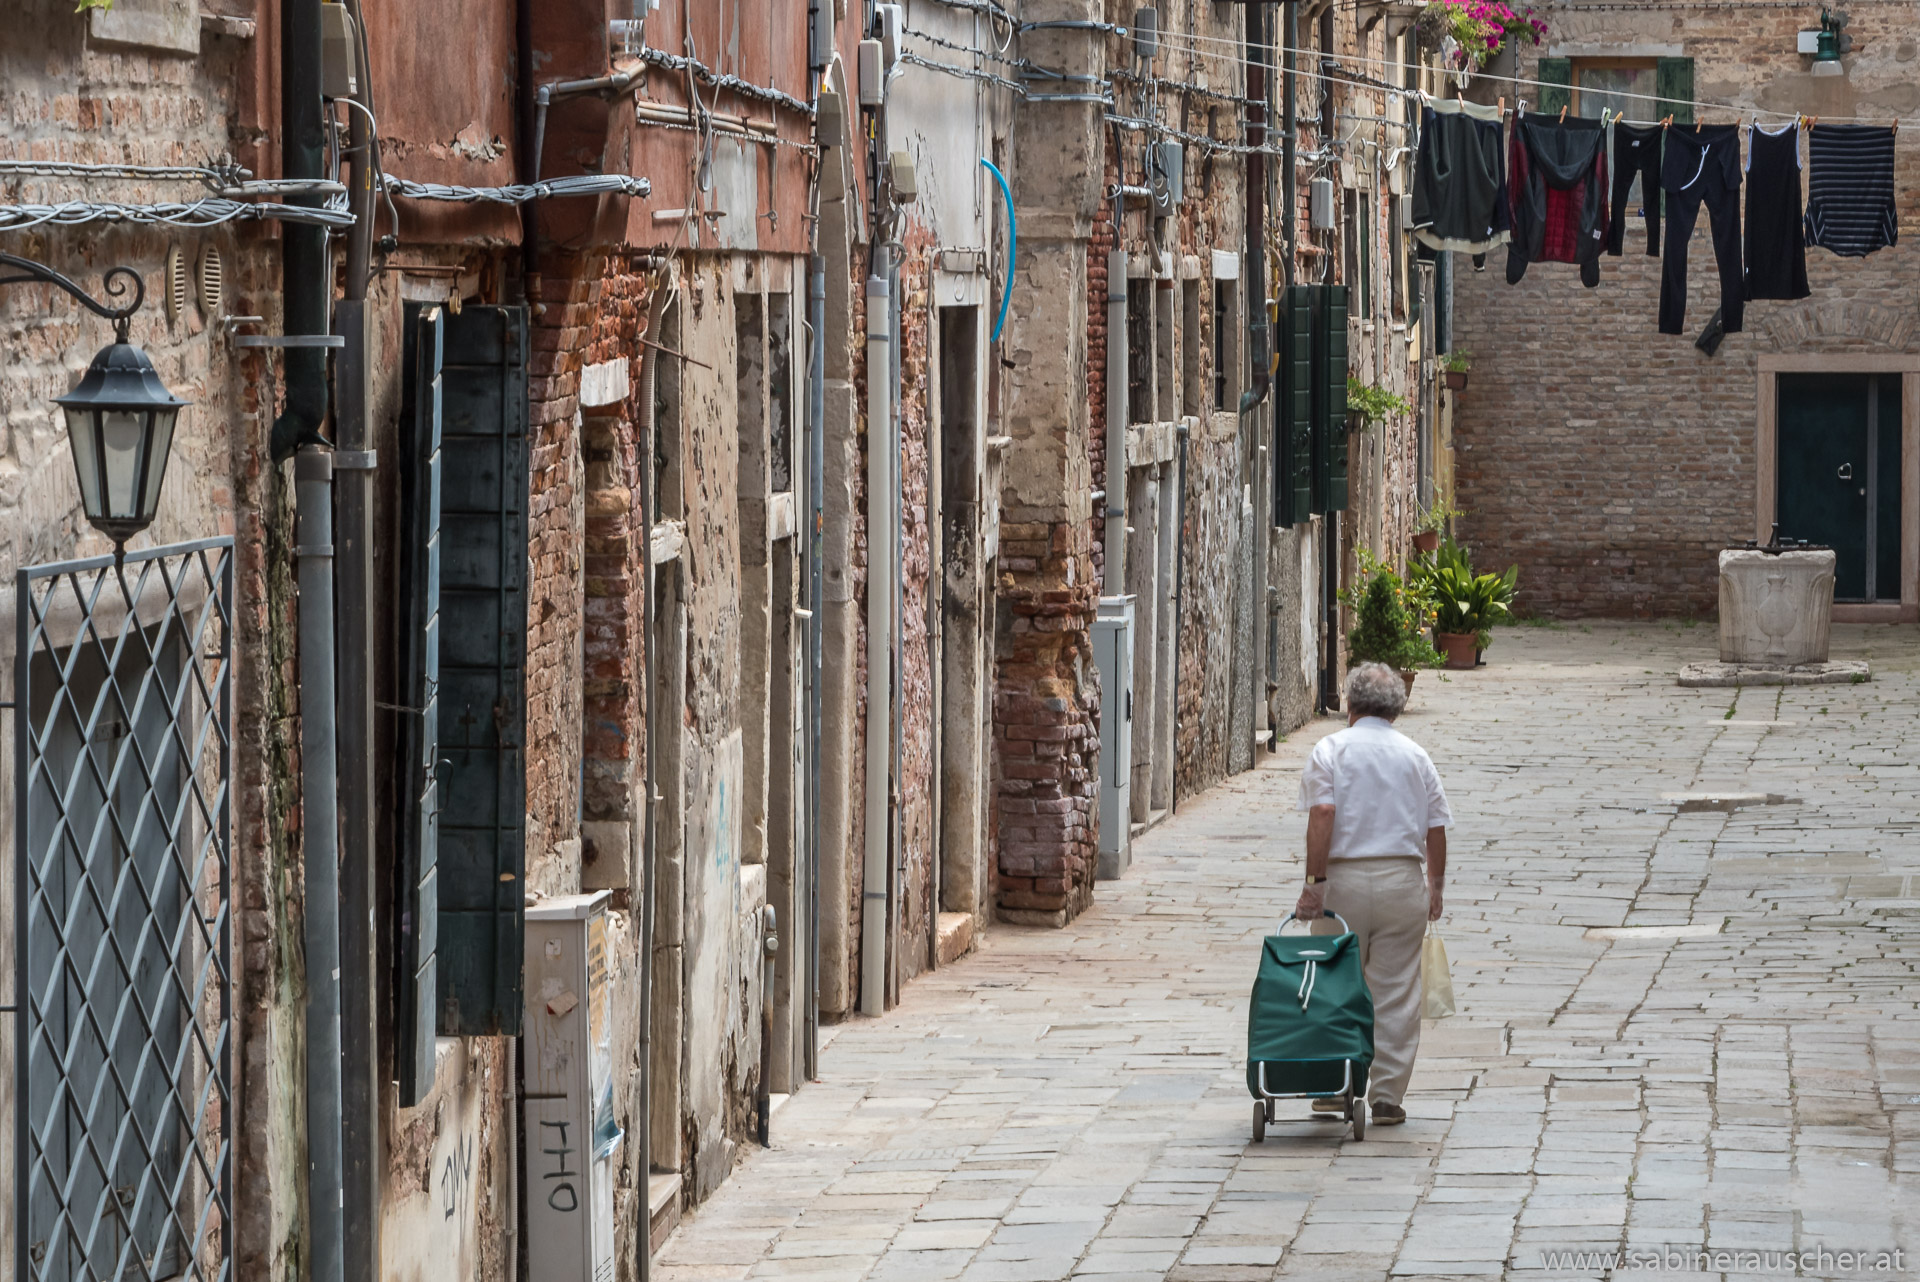 Venice - offside the touristy paths | Venedig -  abseits der Touristenpfade